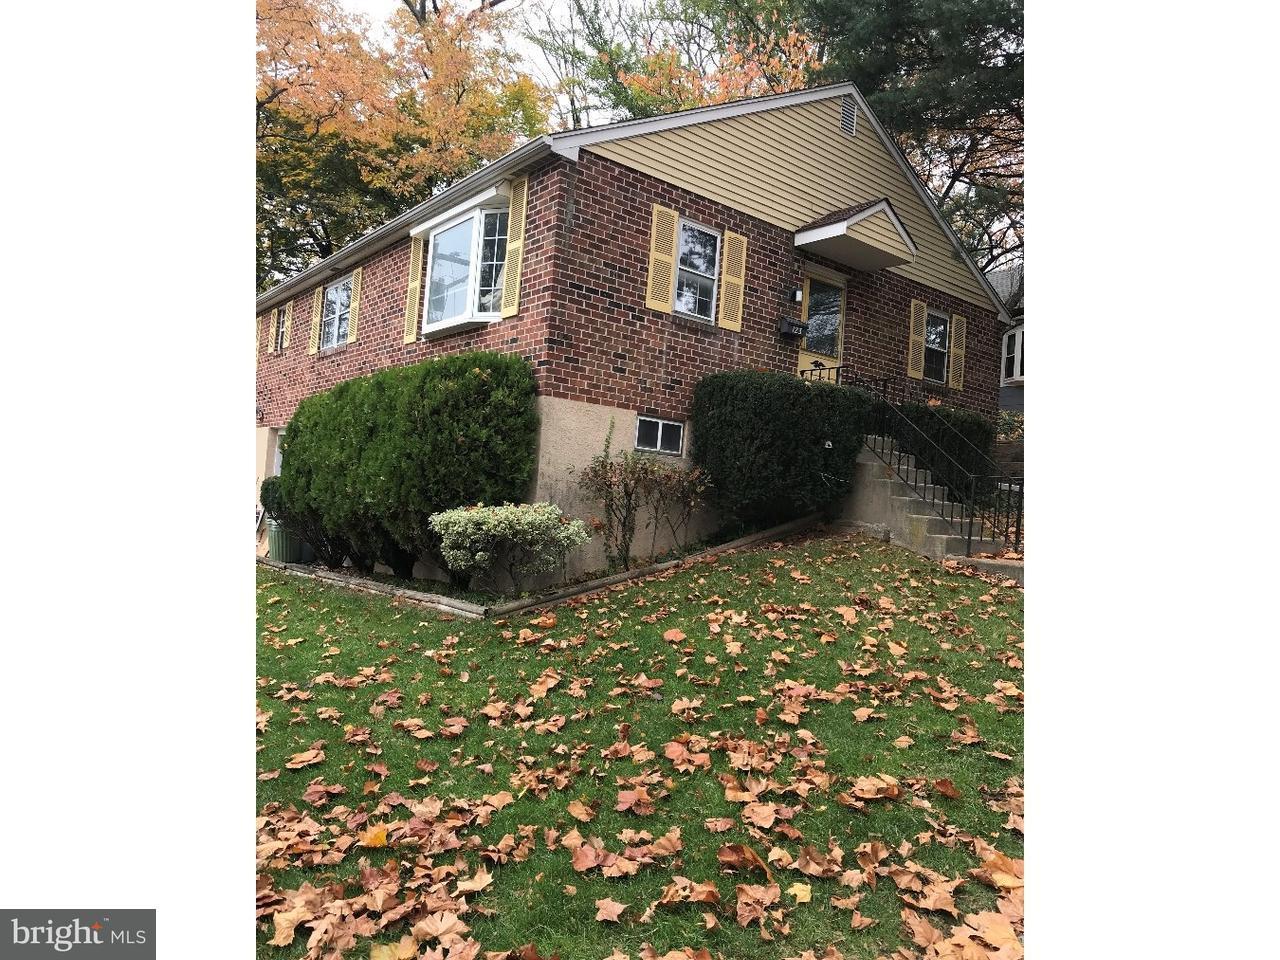 Maison unifamiliale pour l Vente à 123 W RIDLEY Avenue Ridley Park, Pennsylvanie 19078 États-Unis